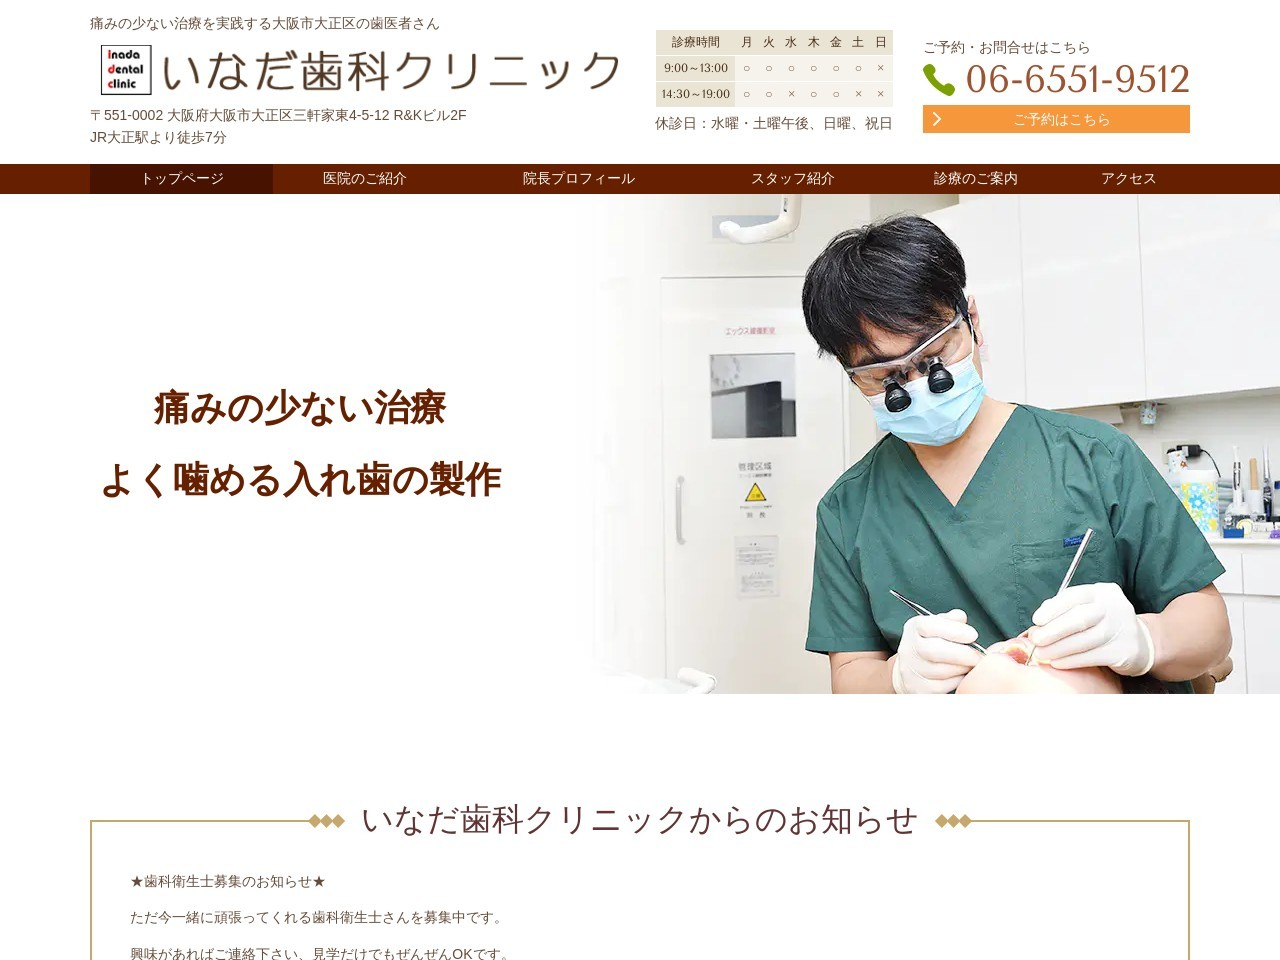 いなだ歯科クリニック (大阪府大阪市大正区)